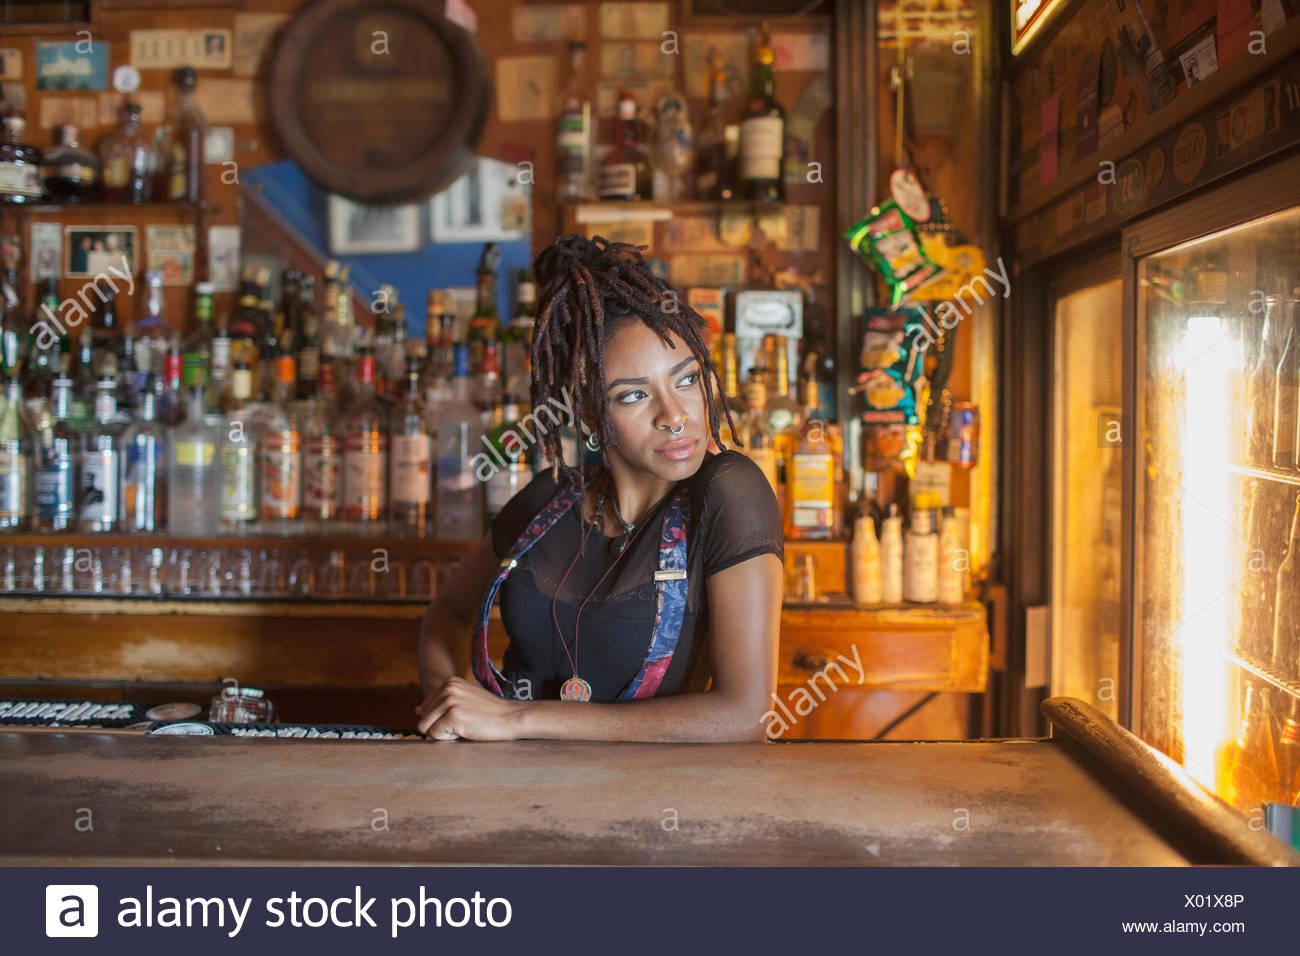 Eine junge Frau in einer Bar. Stockbild